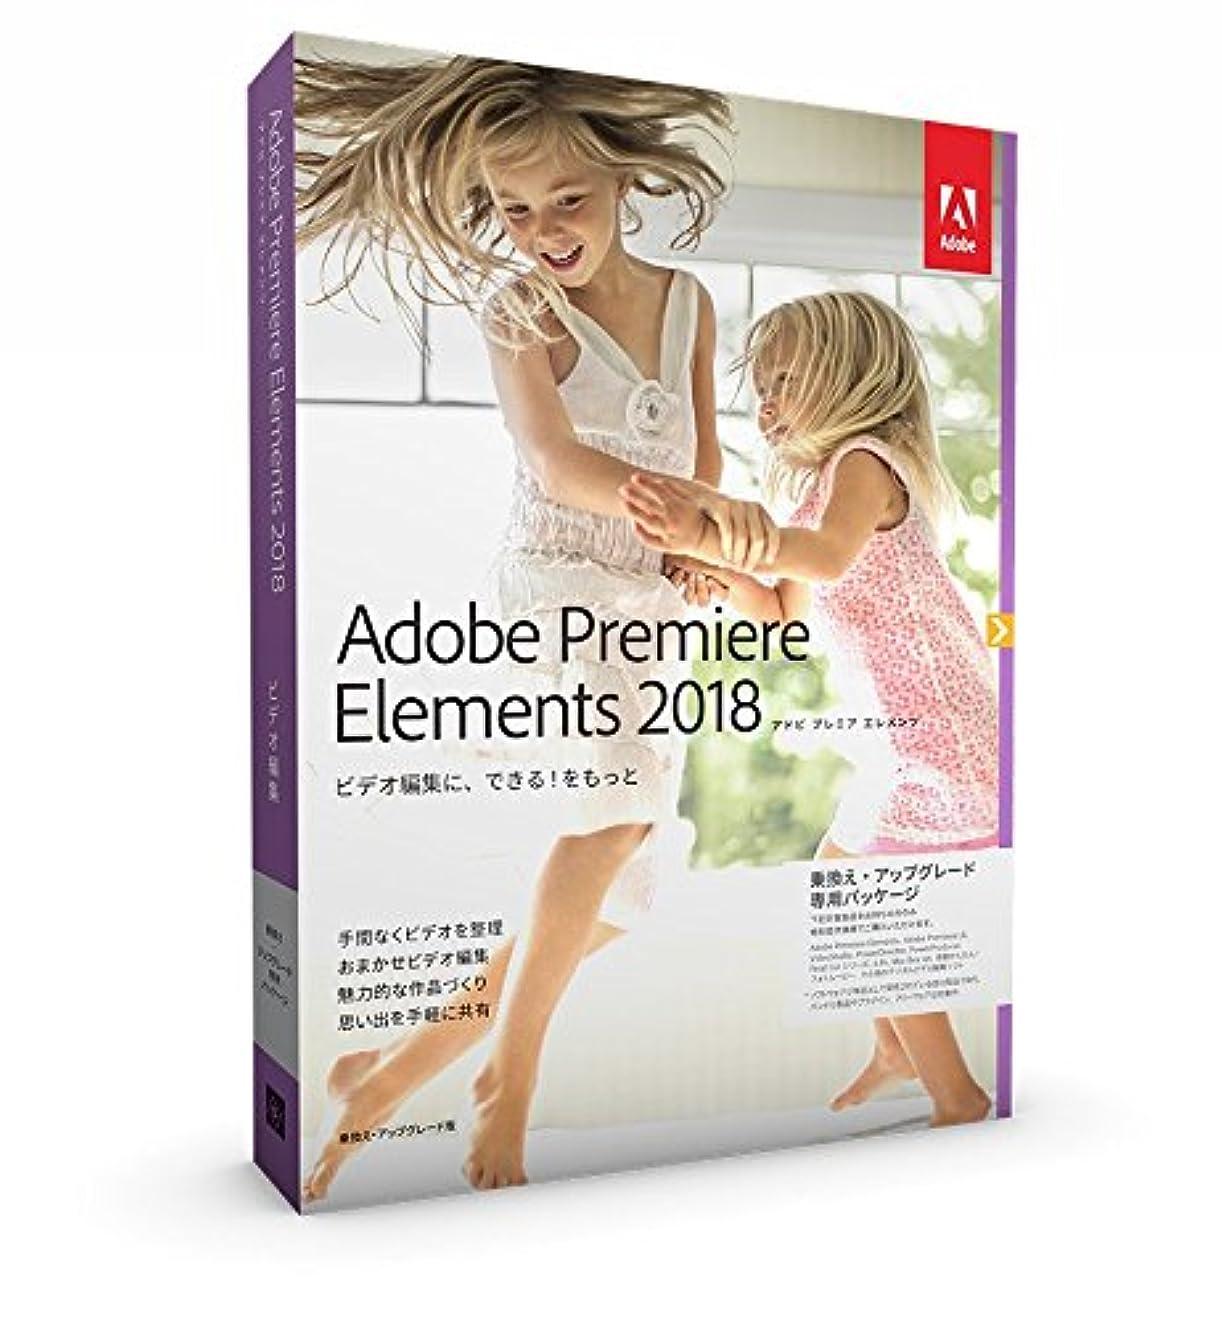 食堂ダウン売る【旧製品】Adobe Premiere Elements 2018 日本語版 乗換え?アップグレード版 Windows/Macintosh版